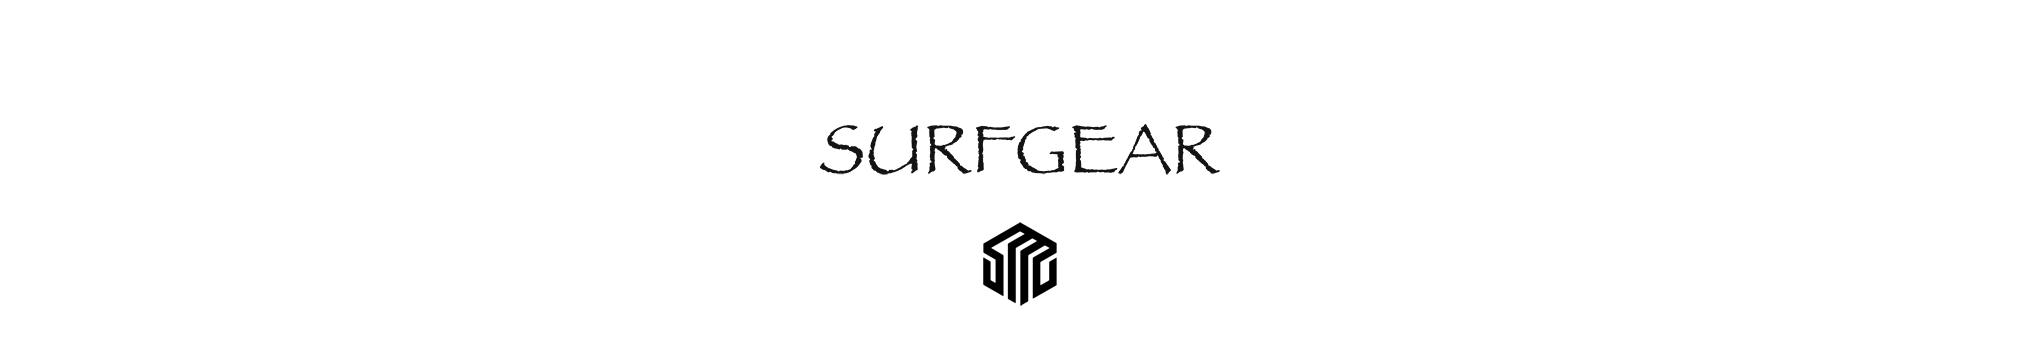 SURFGEAR - STREET MACHINE